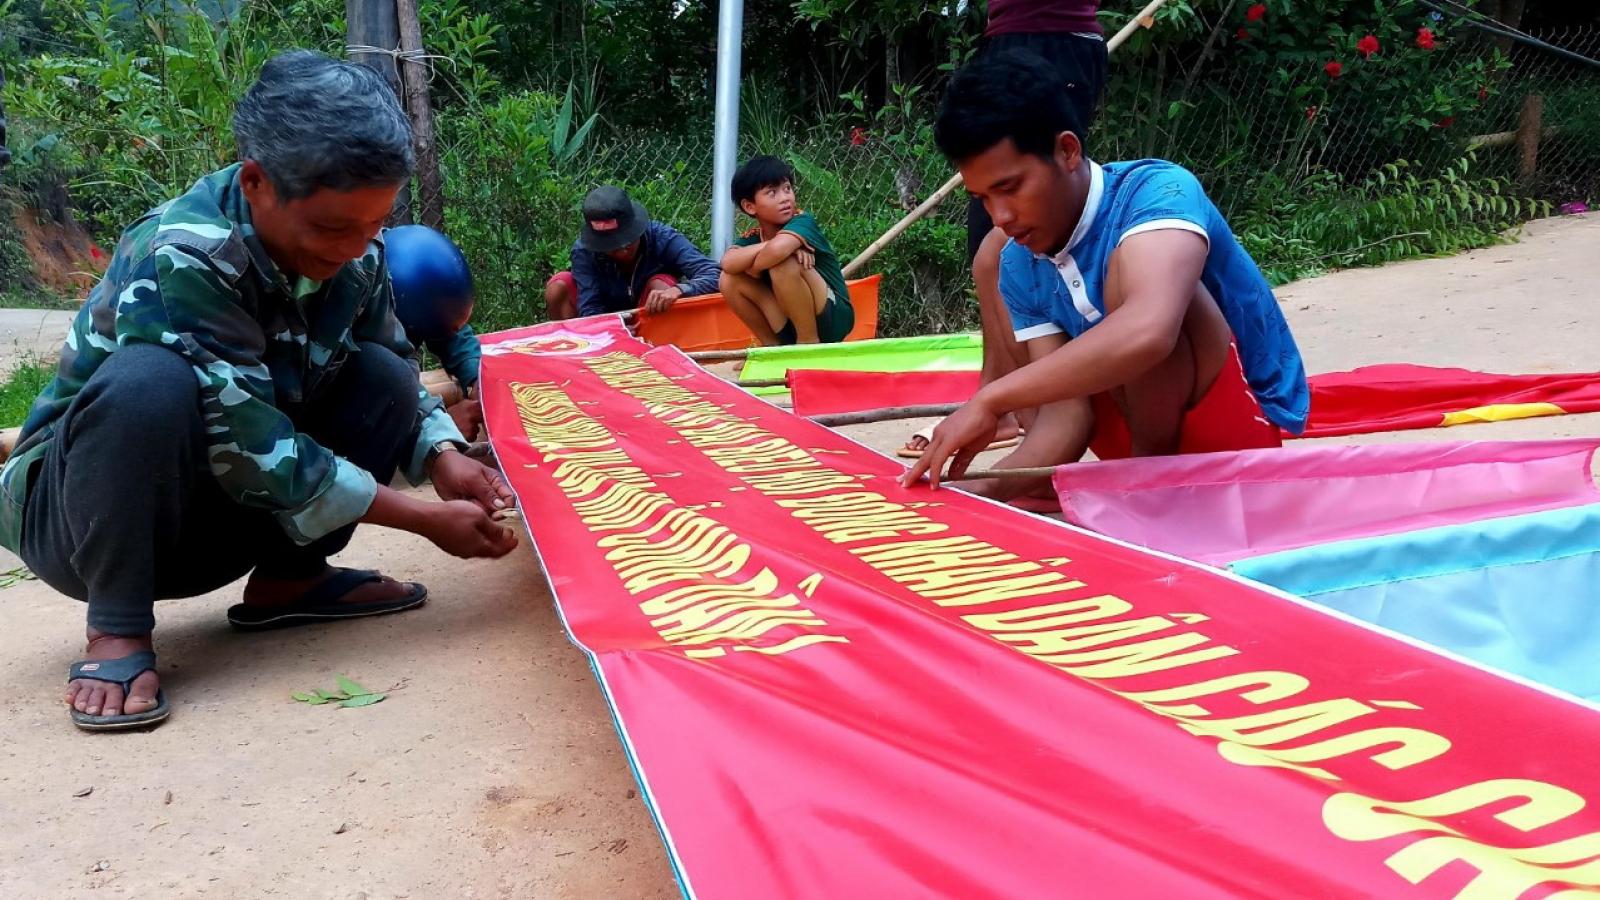 6 xã bầu cử vào ngày mai 16/5, Quảng Nam phát huy vai trò già làng trong vận động cử tri